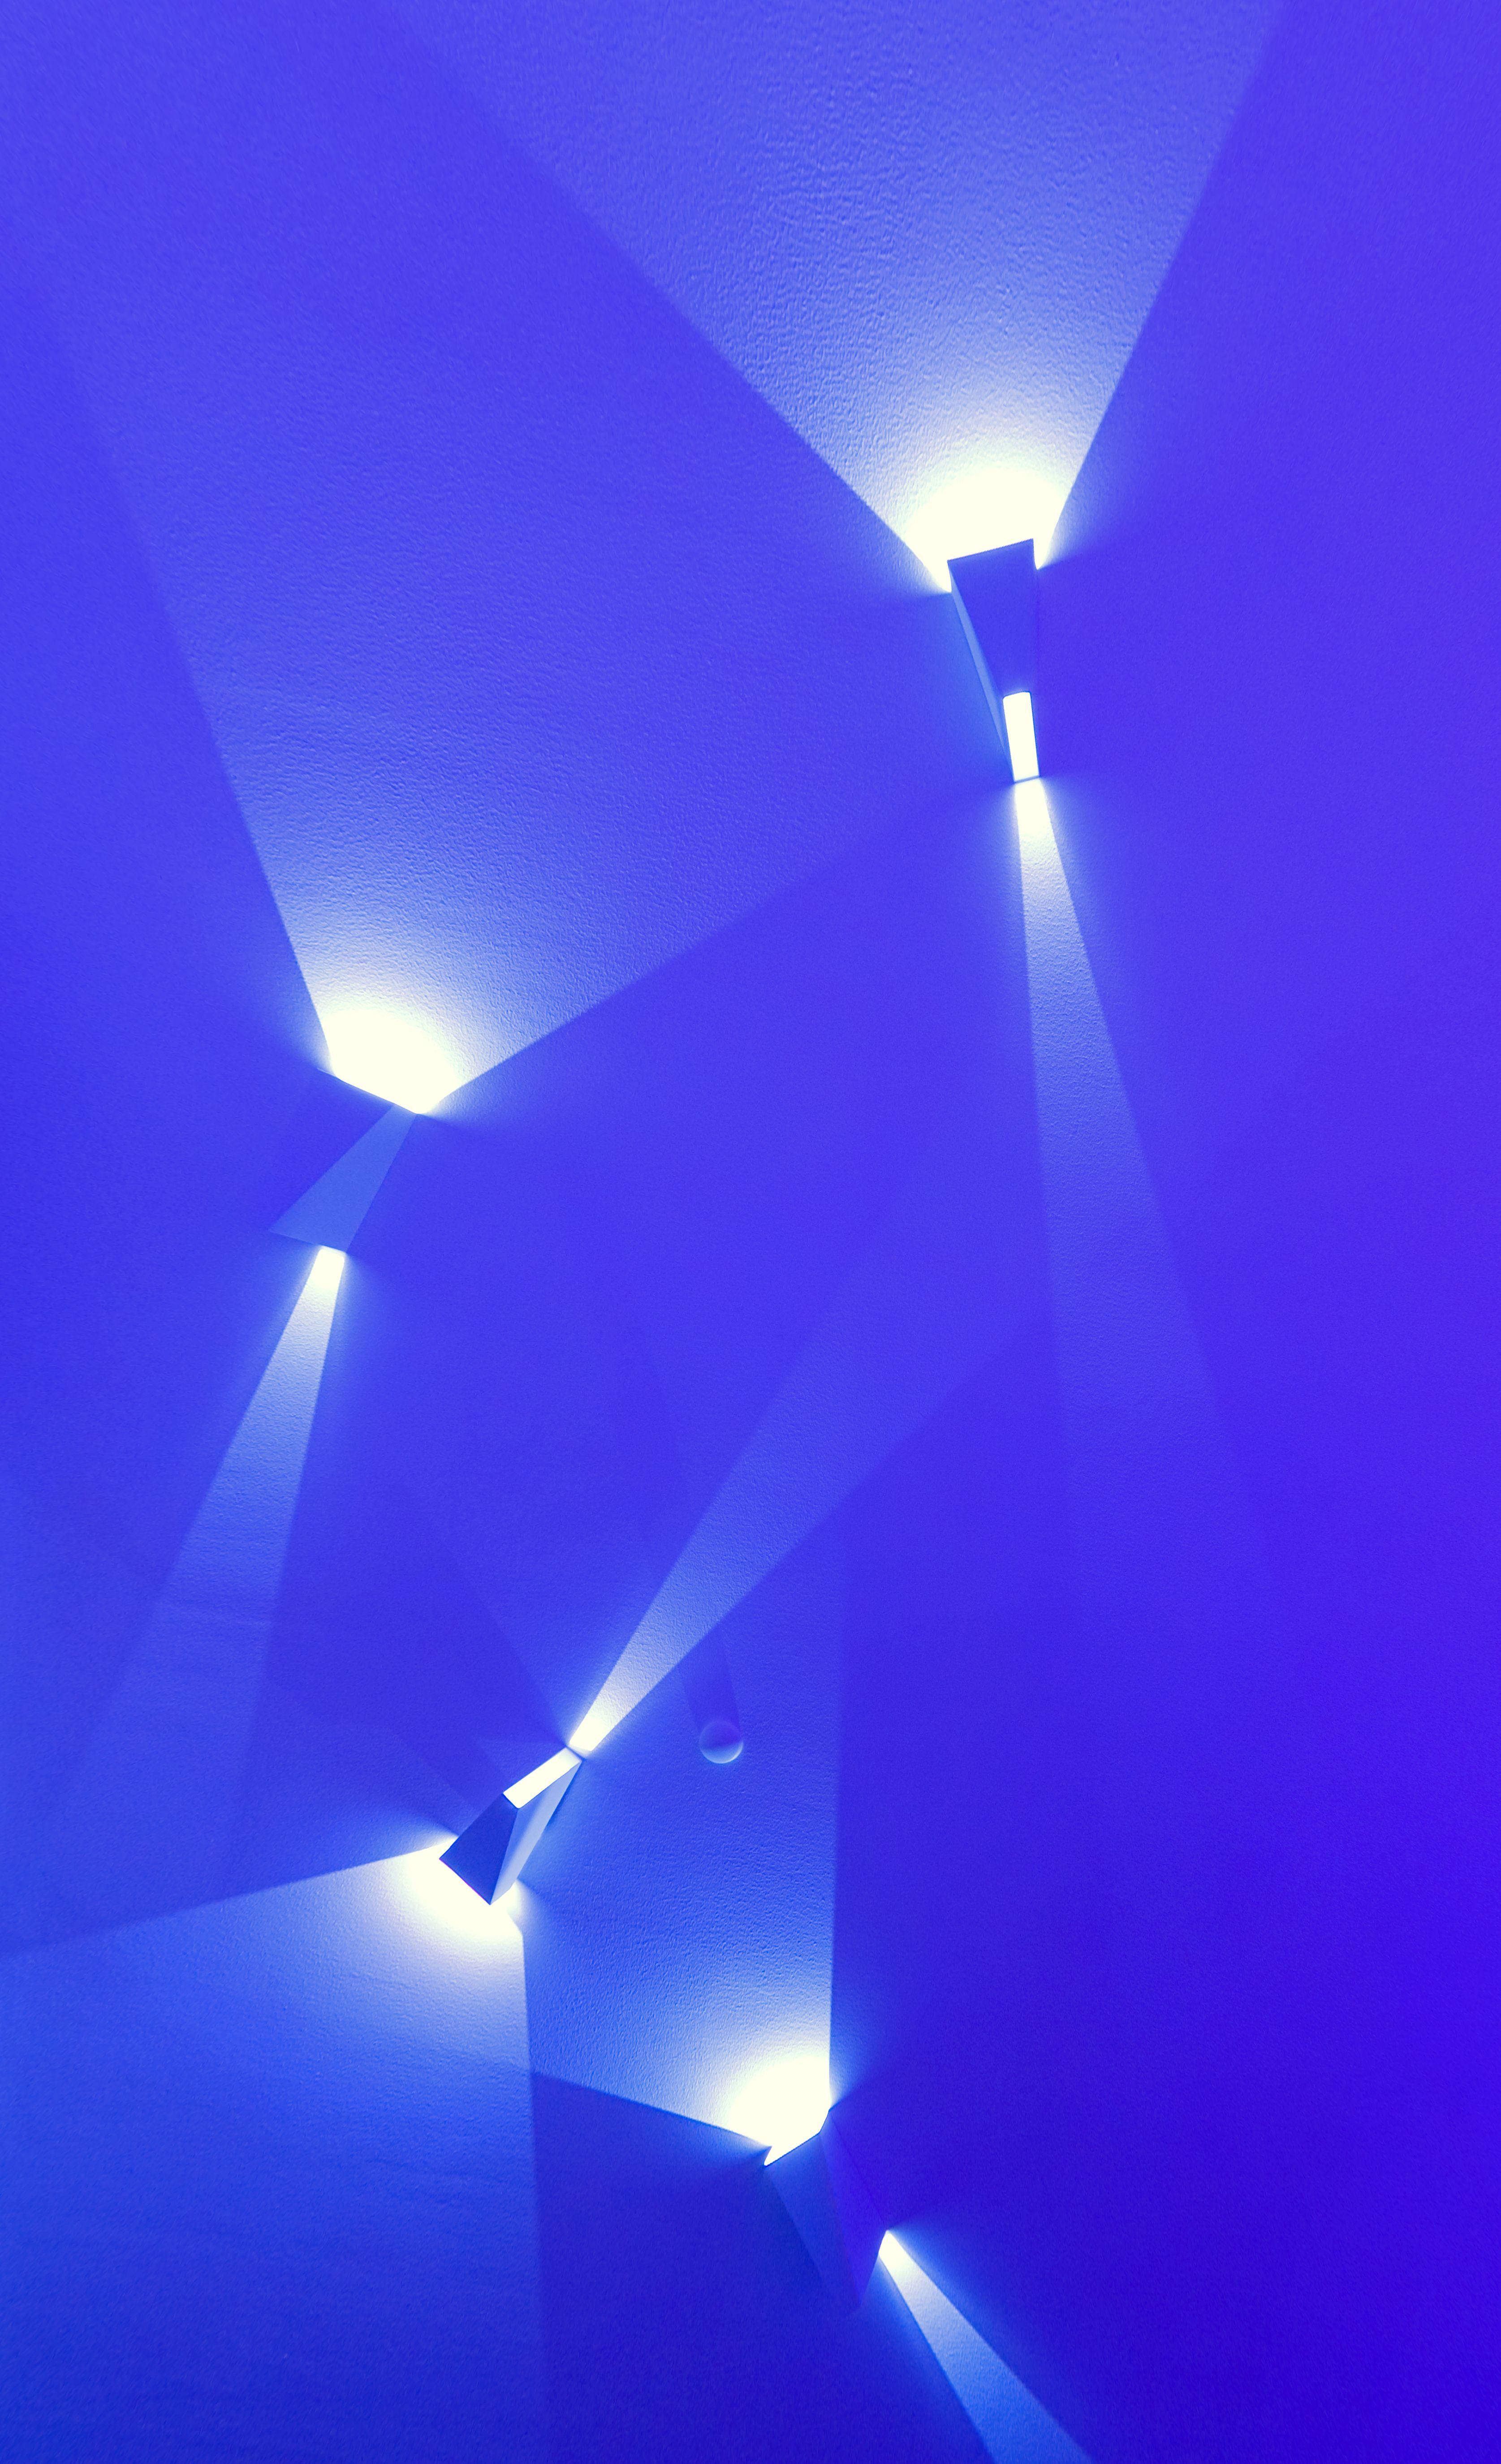 Wandgestaltung Hamburg licht gestaltet unsere räume lichtobjekt beleuchtung licht